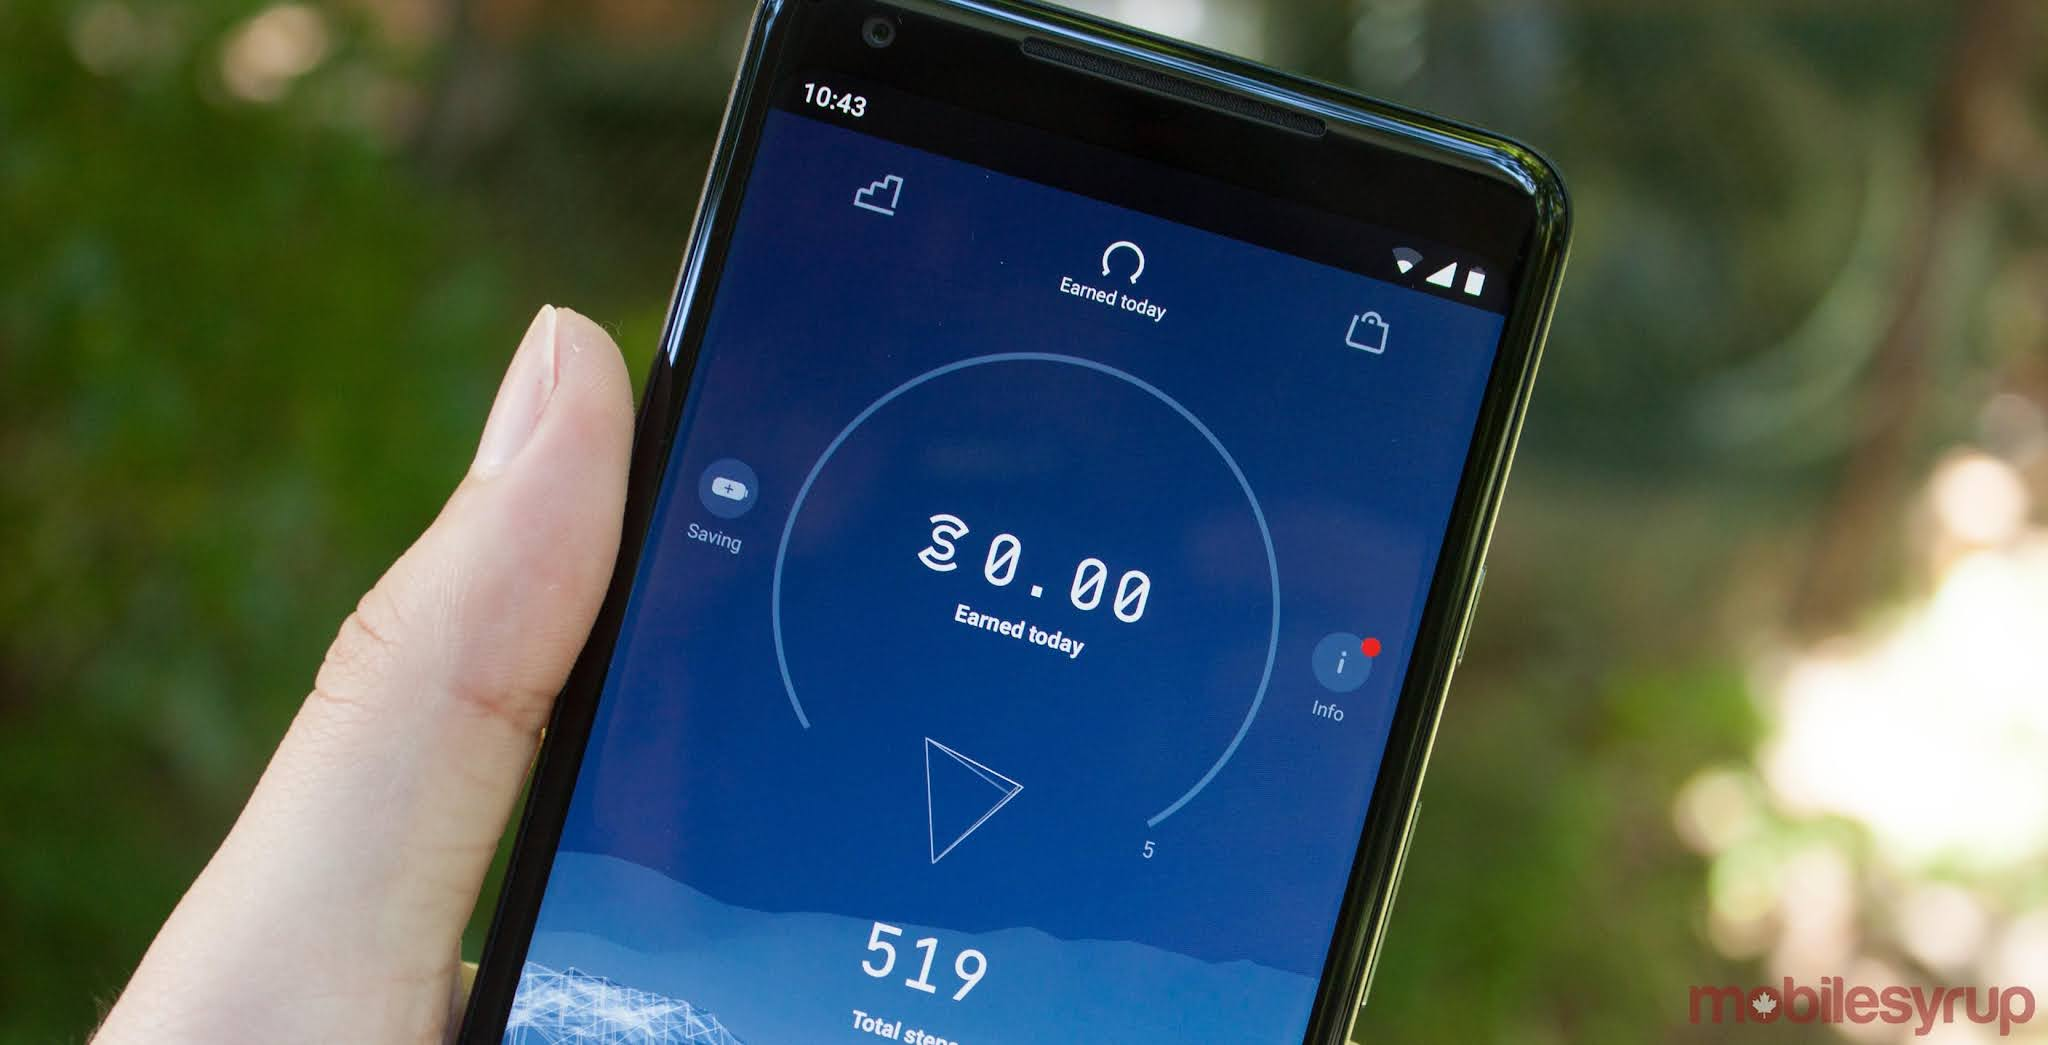 اربح من الإنترنت عن طريق المشي فقط ! شرح كامل ومفصل لتطبيق Sweatcoin للربح من المشي